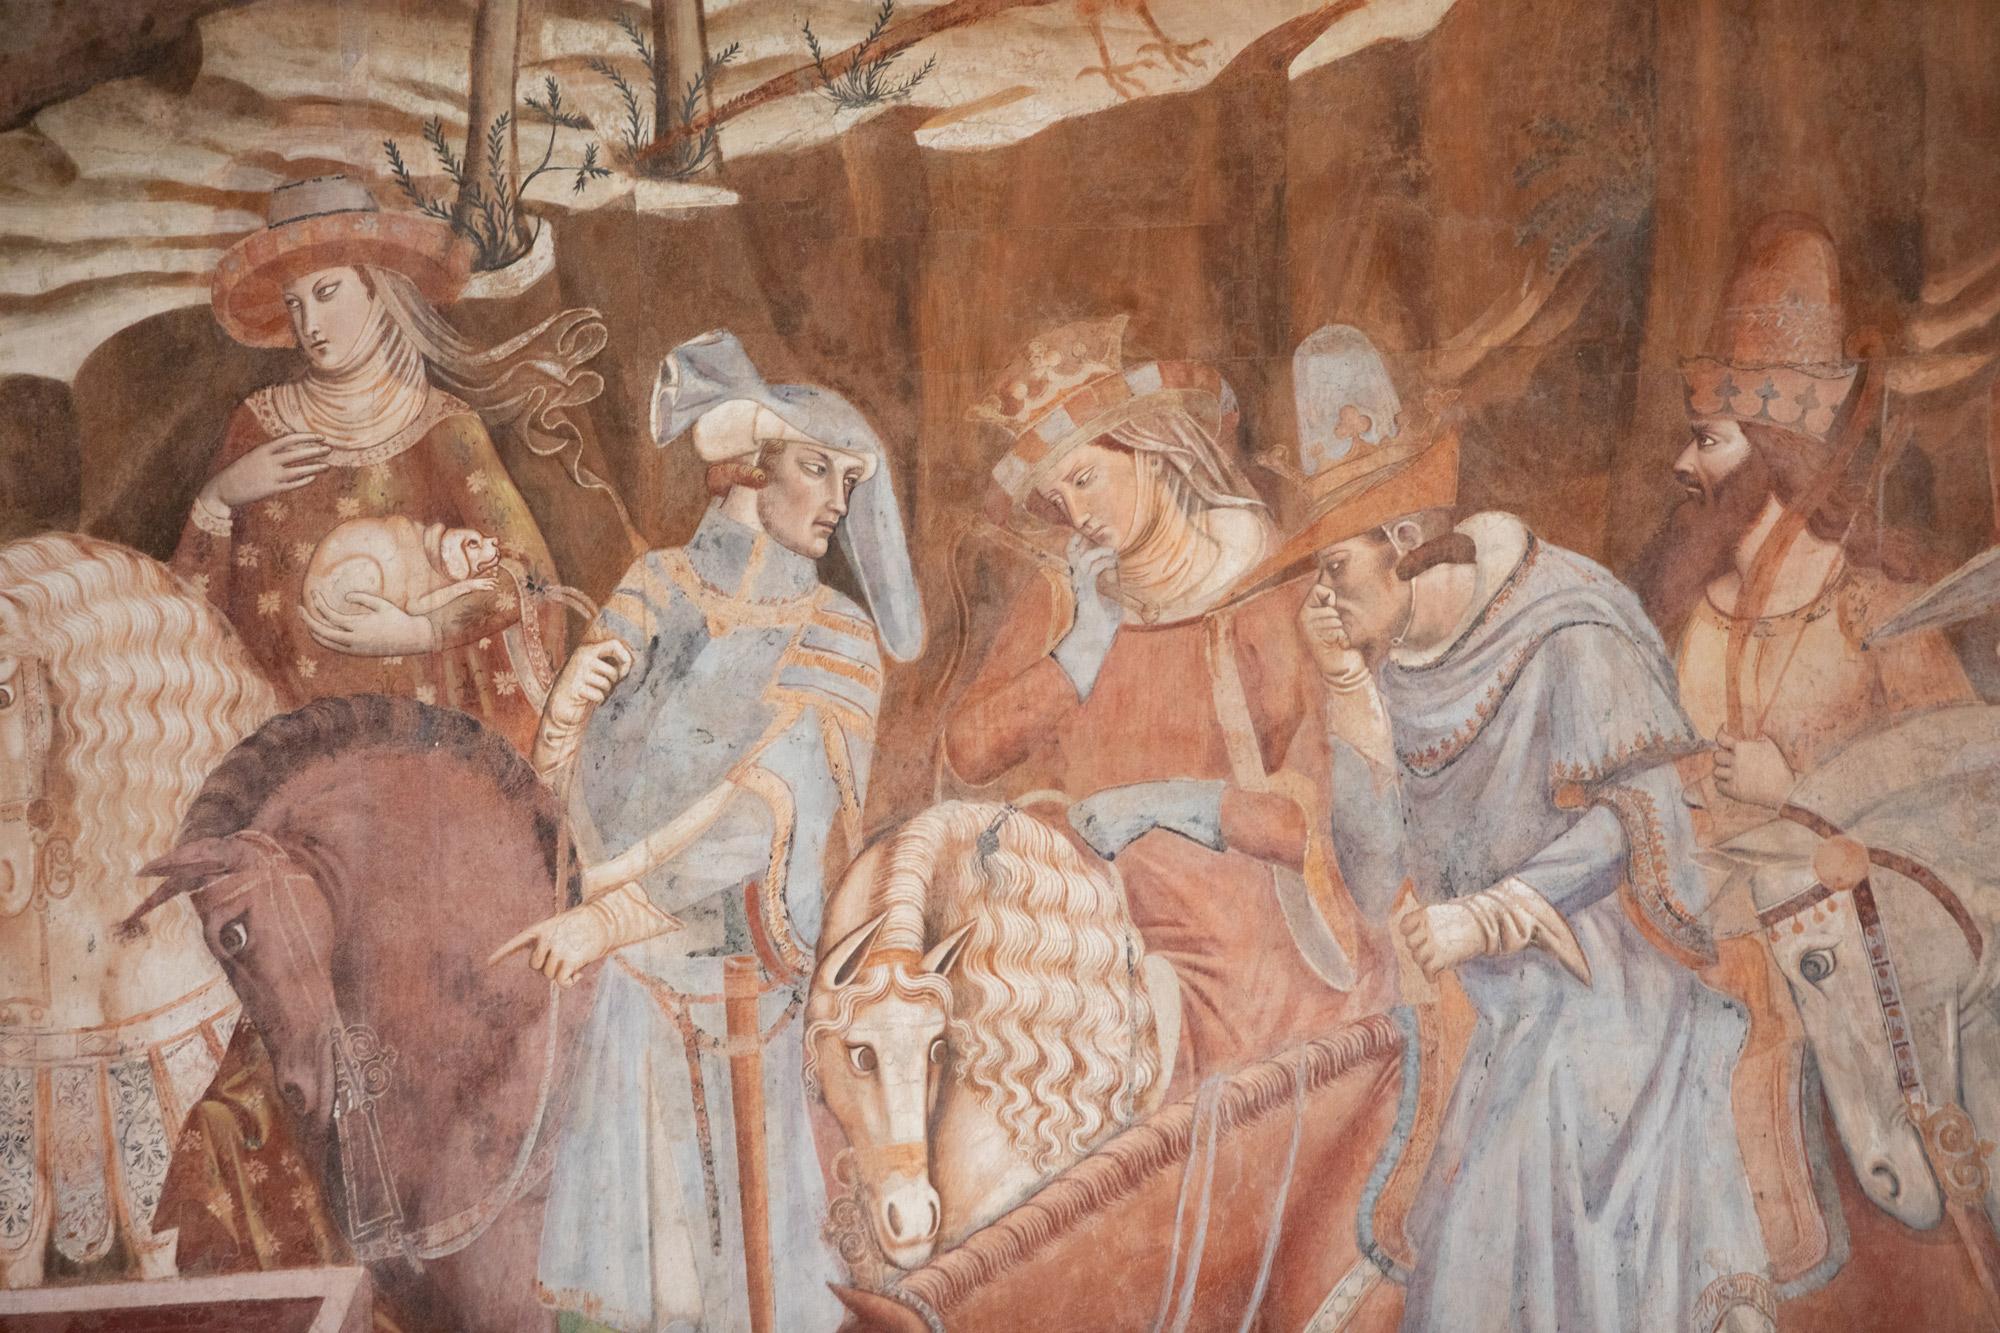 Bonamico Buffalmacco, Trionfo della Morte, dettaglio della scoperta dei tre cadaveri